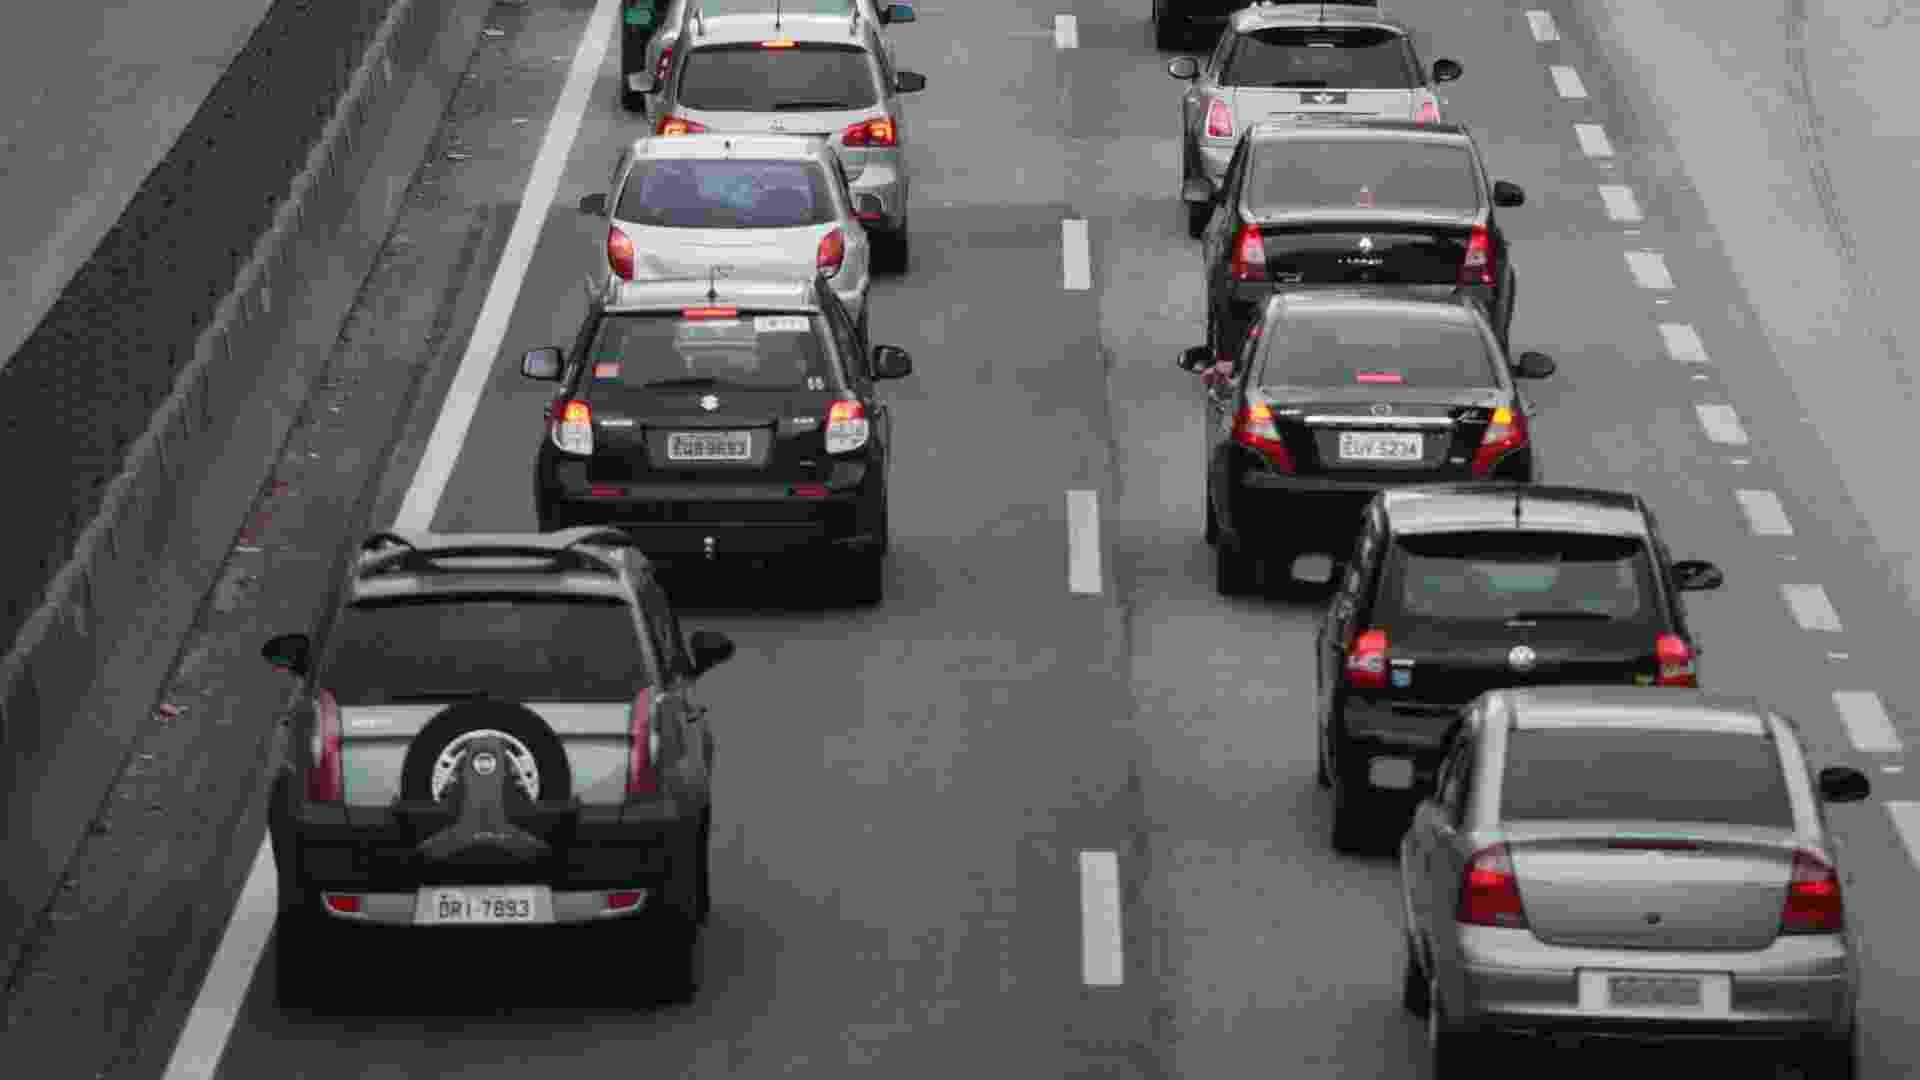 14.out.2012 - Tráfego de veículos é intenso no retorno ao município de São Paulo pela rodovia Fernão Dias, na altura do km 57, em Atibaia (SP), neste domingo - Nelson Antoine/Fotoarena/Estadão Conteúdo